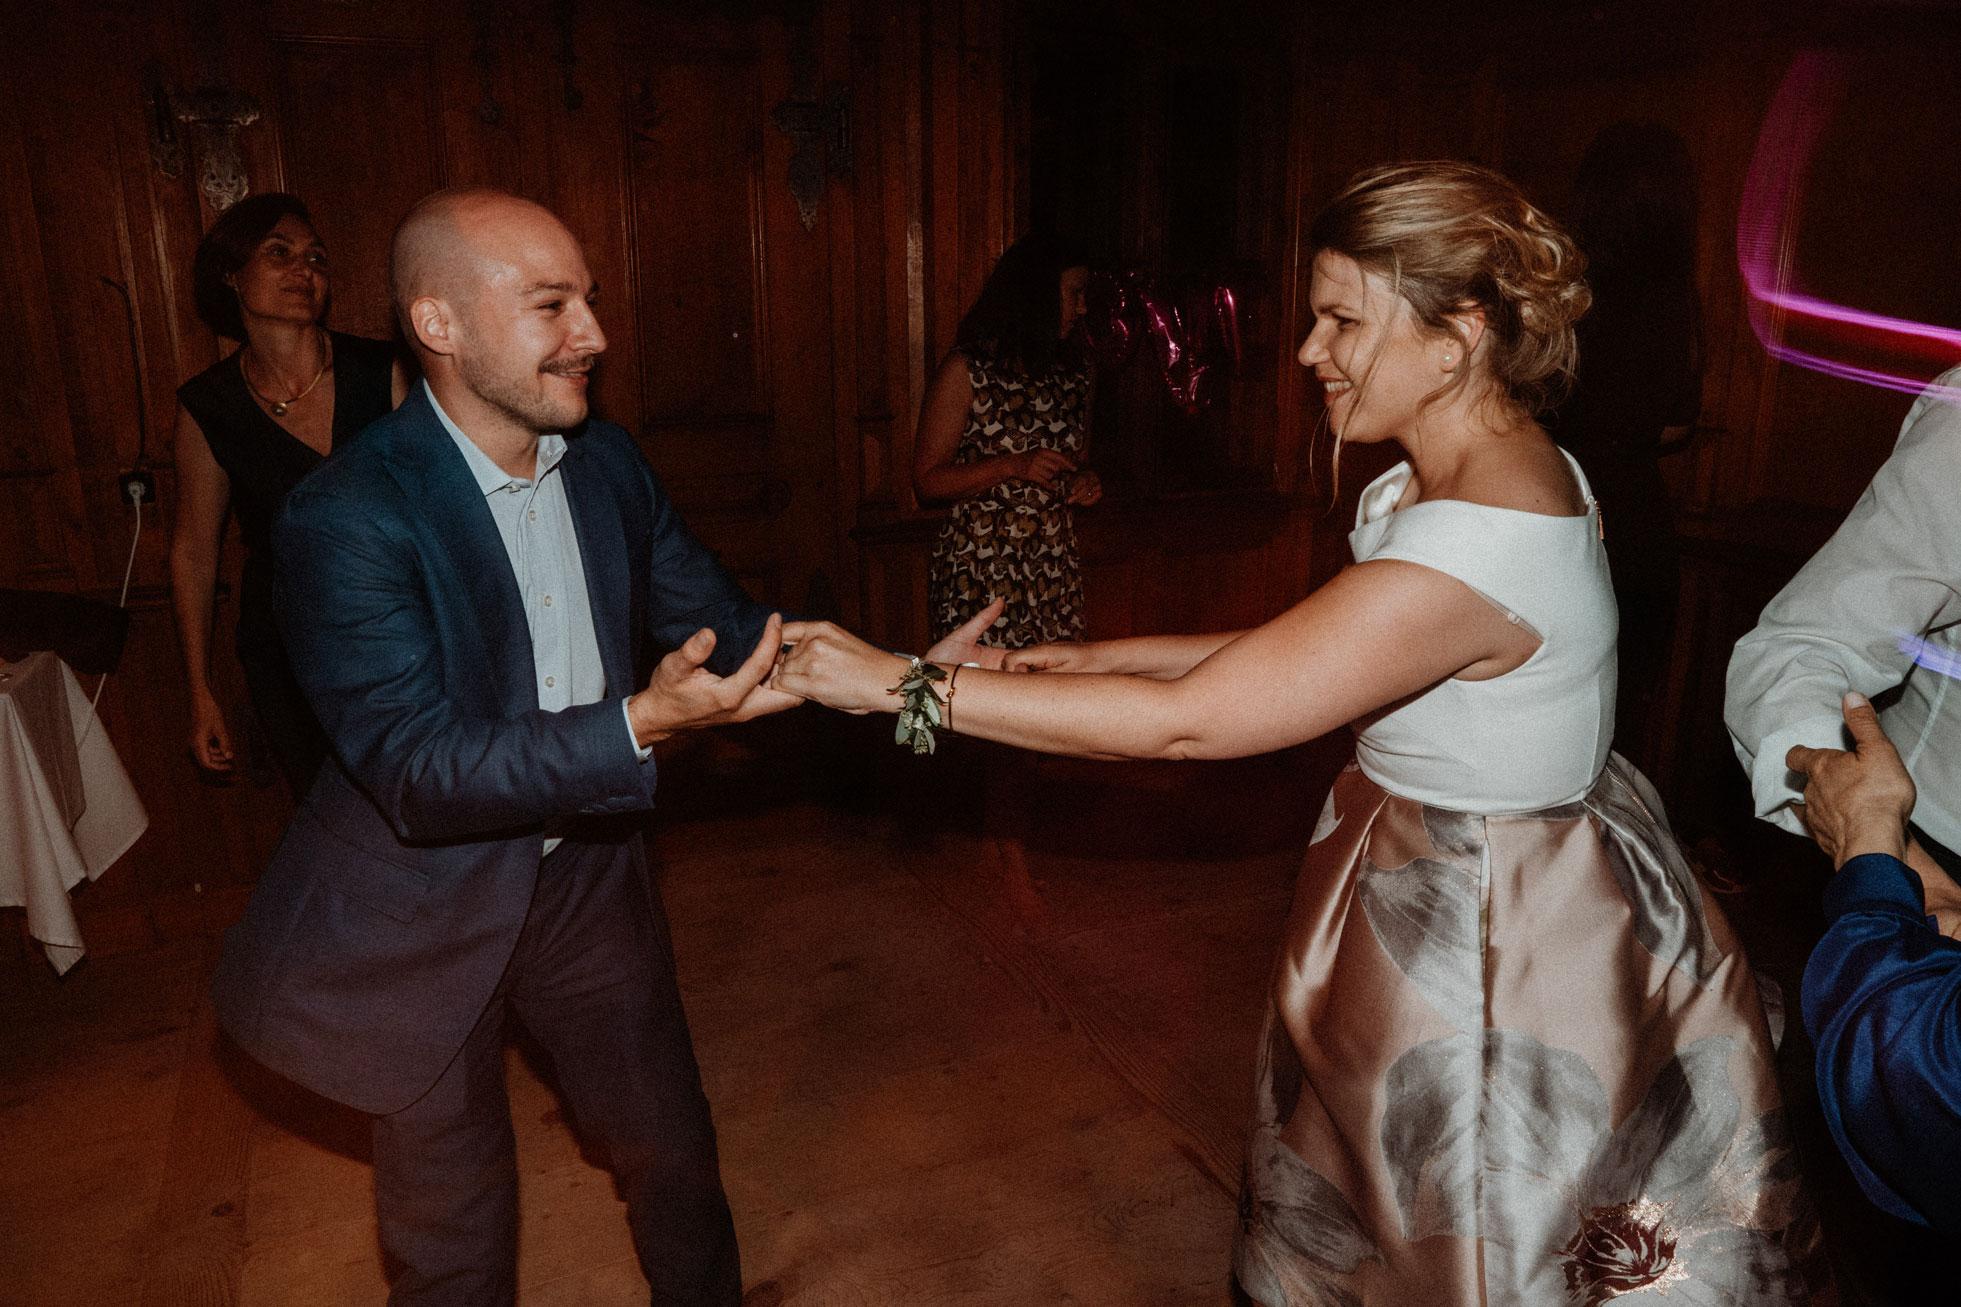 Hochzeit_Claire_Manuel_Villa_Maund_Daniel_Jenny-657.jpg